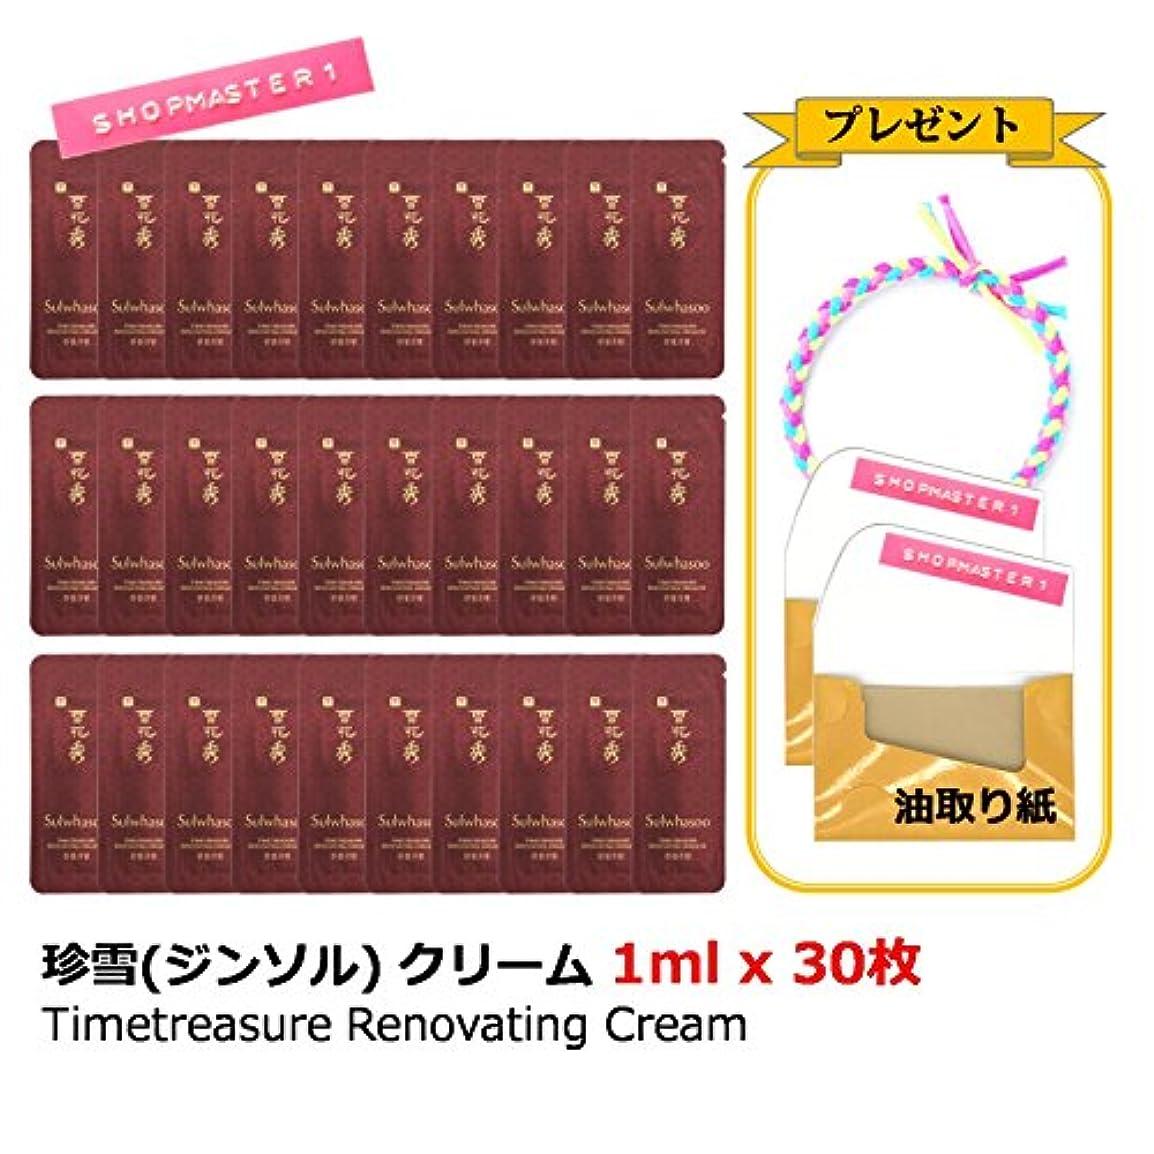 期待日常的に記録【Sulwhasoo ソルファス】珍雪(ジンソル) クリーム 1ml x 30枚 Timetreasure Renovating Cream/プレゼント 油取り紙 2個(30枚ずつ)、ヘアタイ/海外直配送